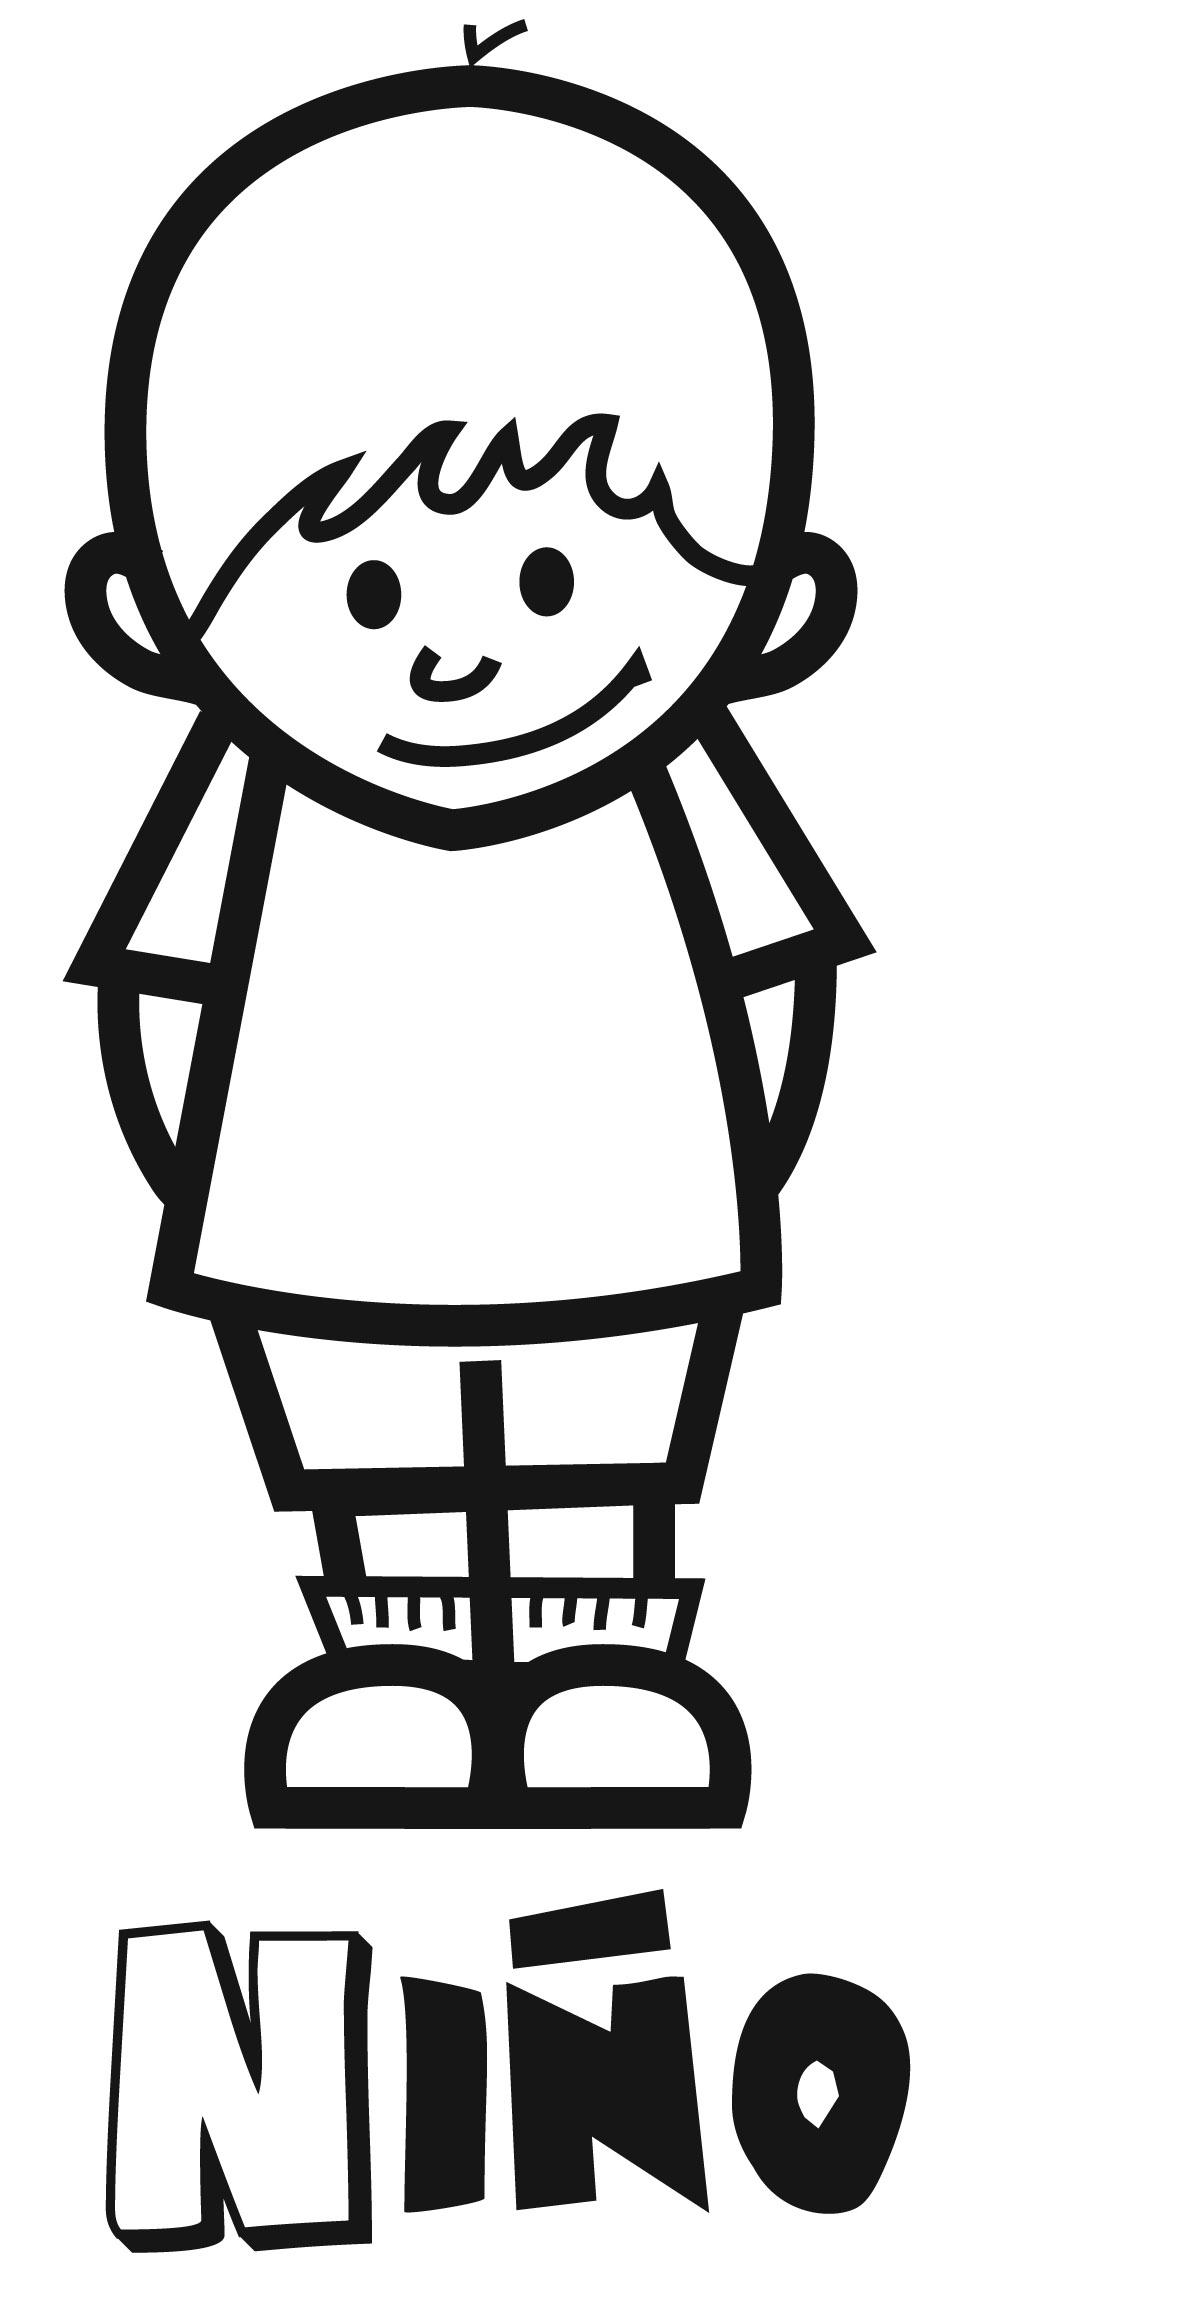 Dibujos con niños: Colorear a un niño